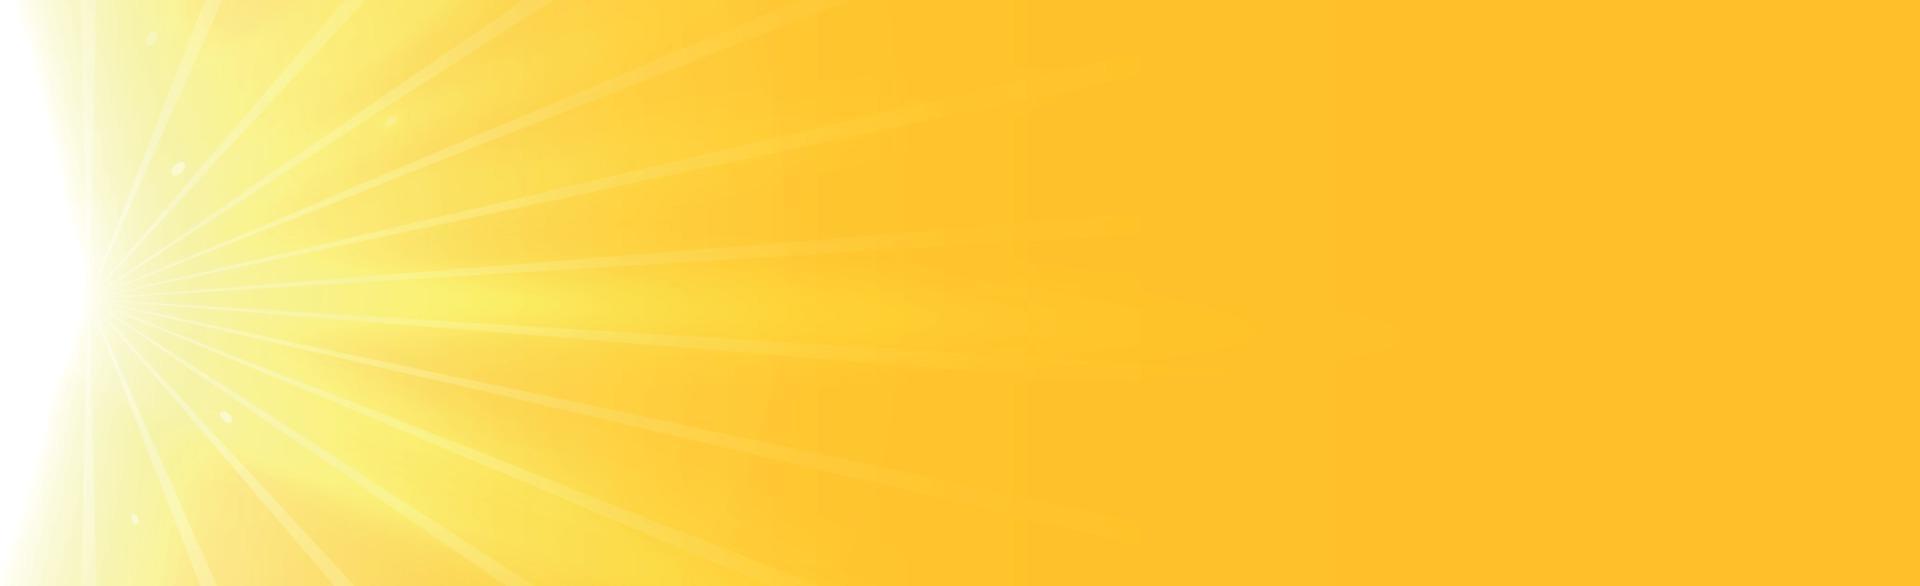 sol brillante sobre un fondo amarillo-naranja - ilustración vector